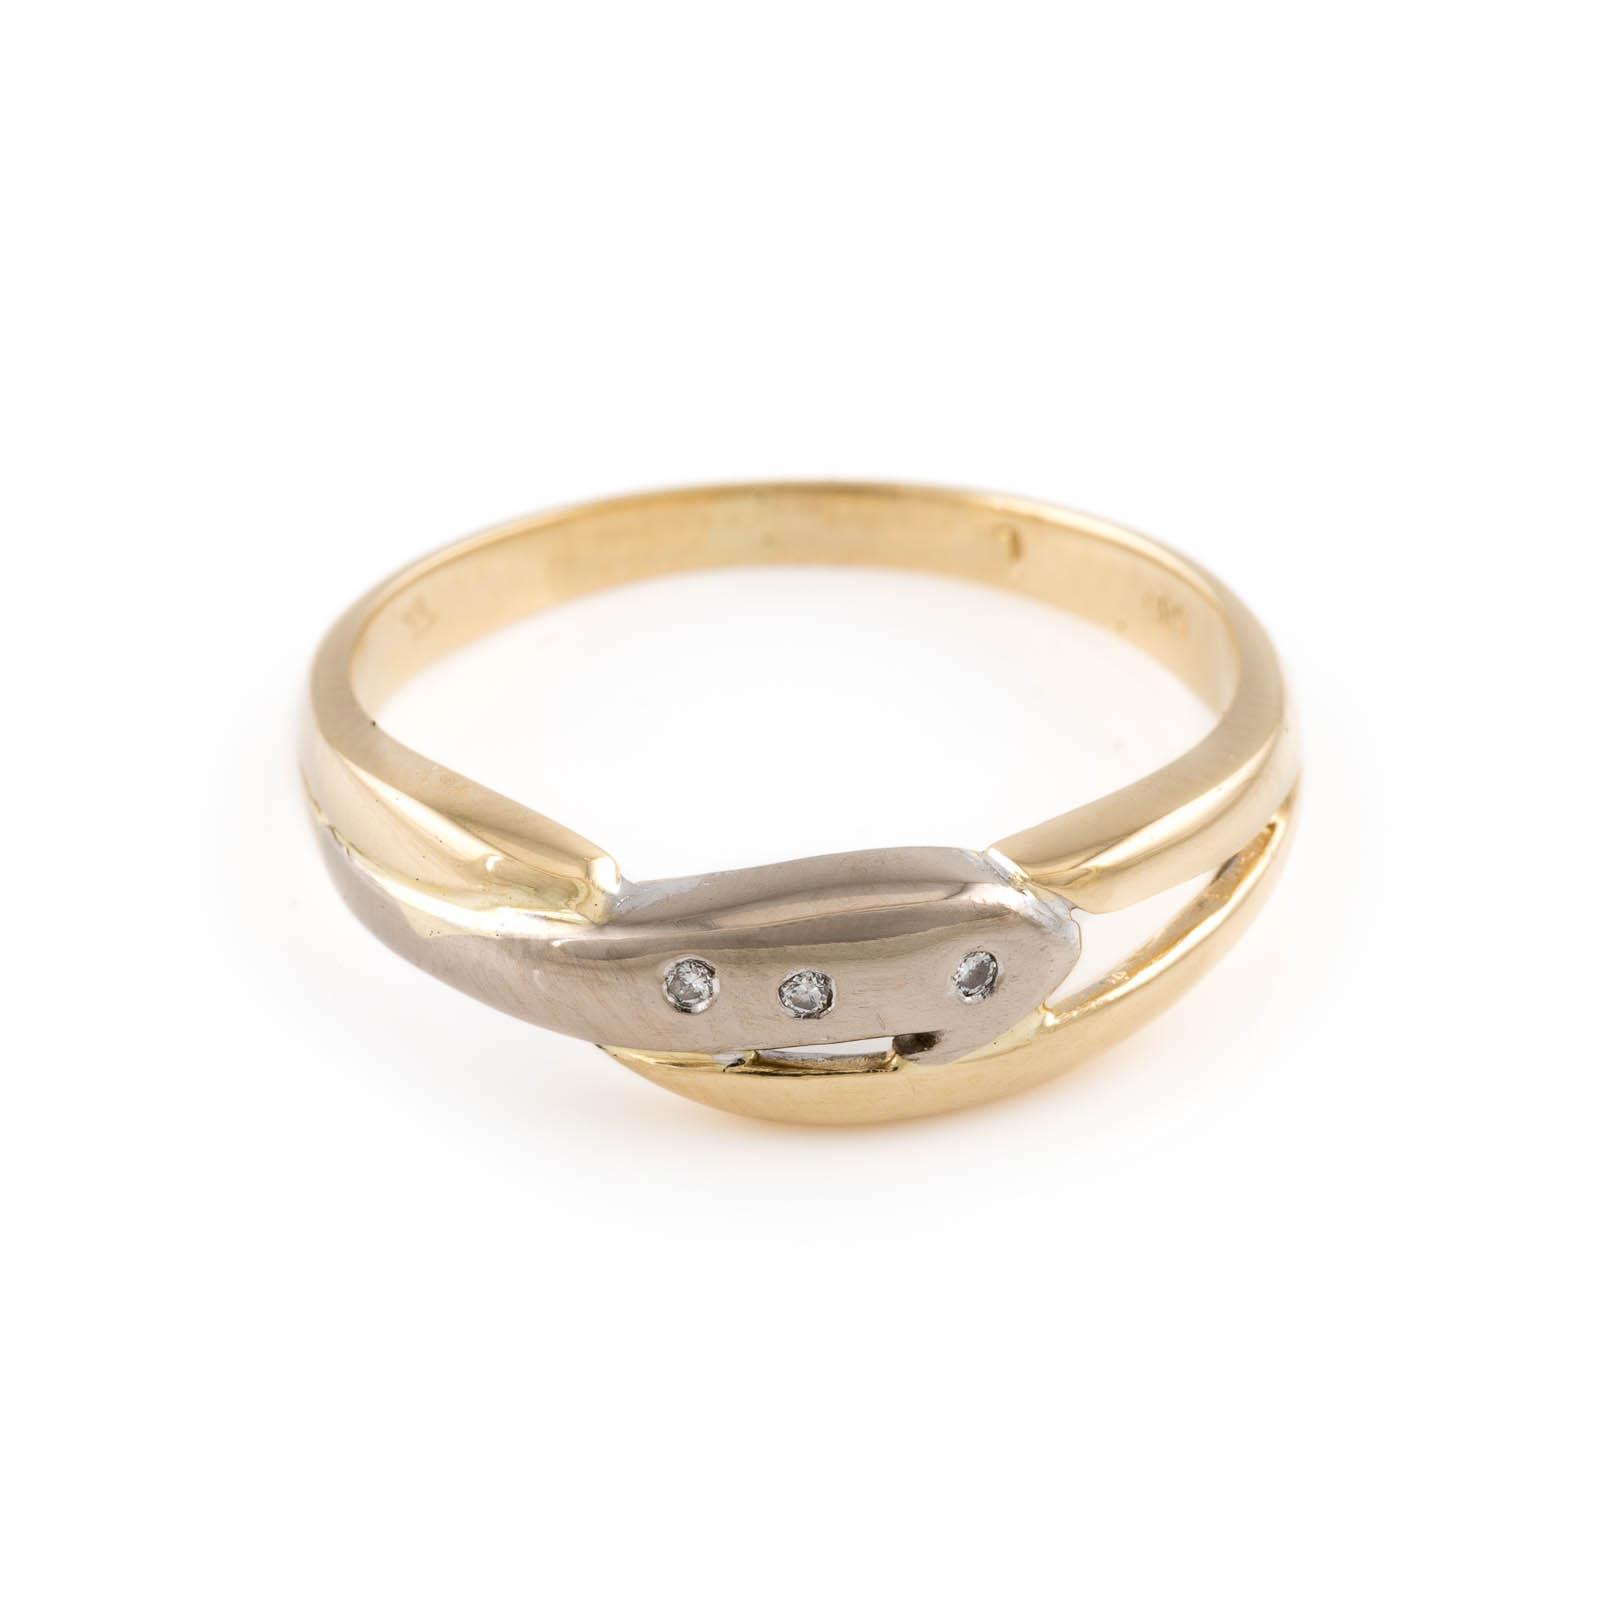 DIAMANT-RING Gelbgold, Weißgold. Ringmaß ca. 56, Ges.-Gew. ca.2,7 g. Gest. 585, Herstellersignet.